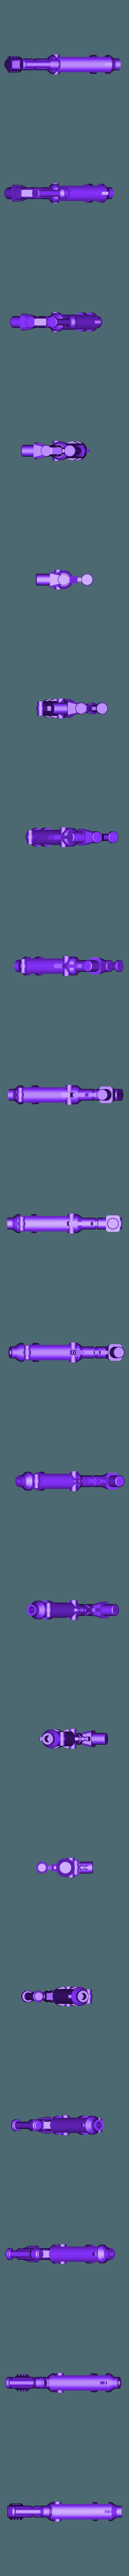 transformers_assault_gun.stl Télécharger fichier STL gratuit Transformateurs Canon d'assaut Power of the Primes • Objet imprimable en 3D, Lance_Greene